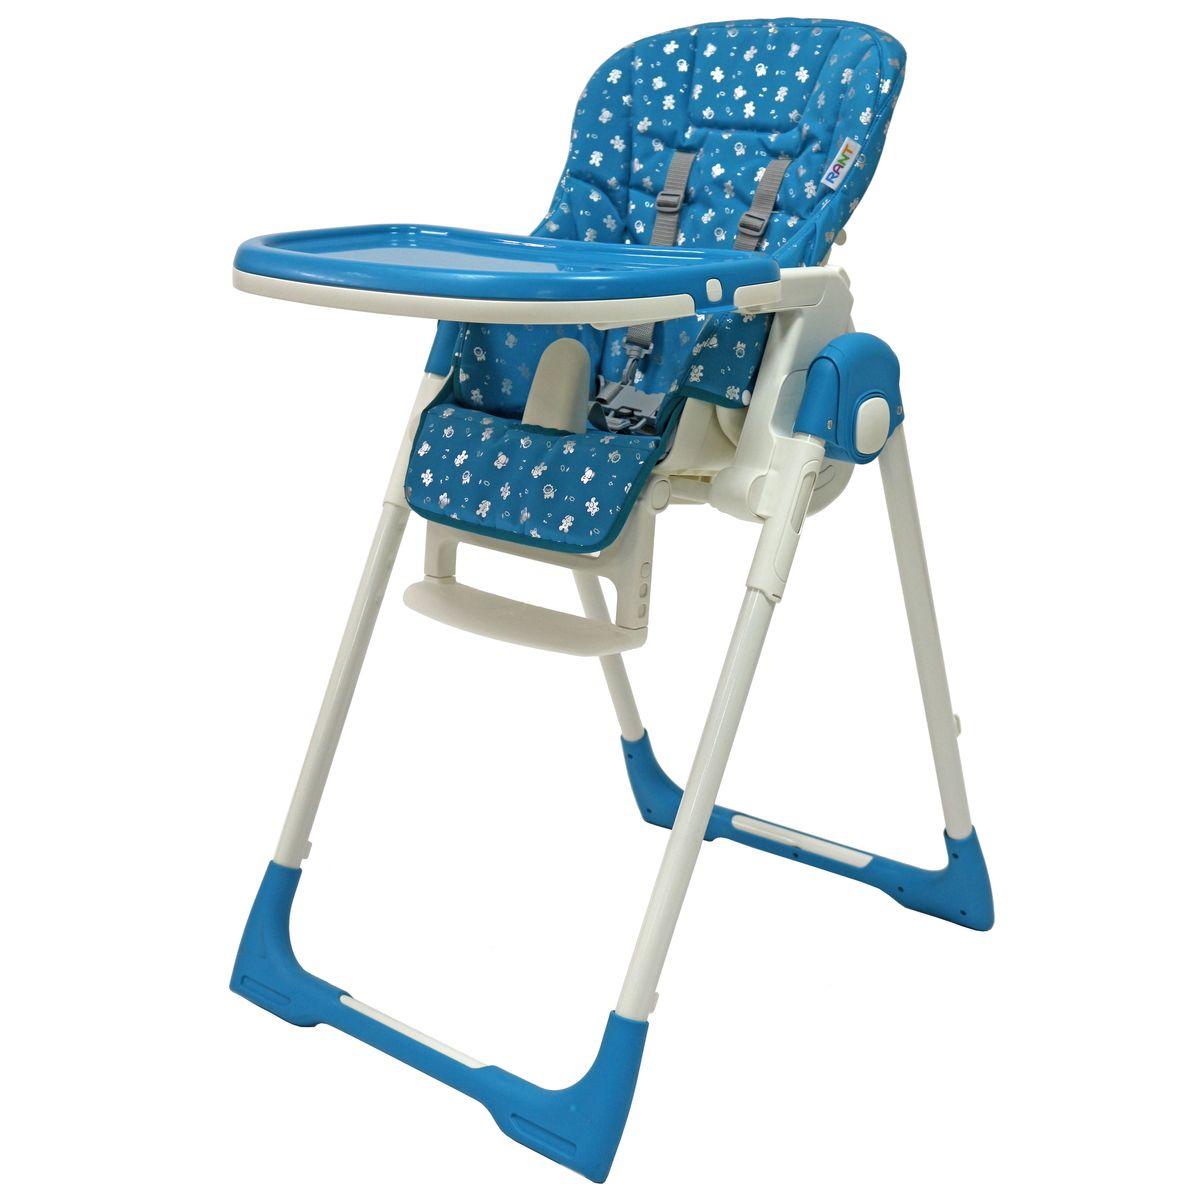 Rant Стульчик для кормления Crystal цвет голубой4630008877418Стульчик для кормления CRYSTAL FABRIC - удобный, многофункциональный и практичный стульчик, предназначенный для детей с 0 и до 3-х лет. Он легко трансформируется в шезлонг, поэтому его можно использовать с рождения, а в возрасте 6 месяцев малыш сможет кушать сидя в этом стульчике. Спинка сидения имеет несколько уровней наклона. От положения «лежа» до положения «сидя». Если малыш устал и задремал во время кормления, можно легко, не разбудив его, опустить спинку сидения в положение лежа. Сиденье стульчика регулируется по высоте, обеспечивая быстрорастущему малышу удобство и комфорт. Когда ваш малыш подрастет, он будет счастлив сидеть на этом стульчике за одним столом вместе со взрослыми. Для этого вам всего лишь надо будет снять столешницу. Стульчик можно использовать как для кормления, так и для веселых игр, если расположить на подносе любимые игрушки ребенка. Съемный чехол сиденья изготовлен из высококачественной ламинированной ткани с водоотталкивающим покрытием. Съемная столешница...